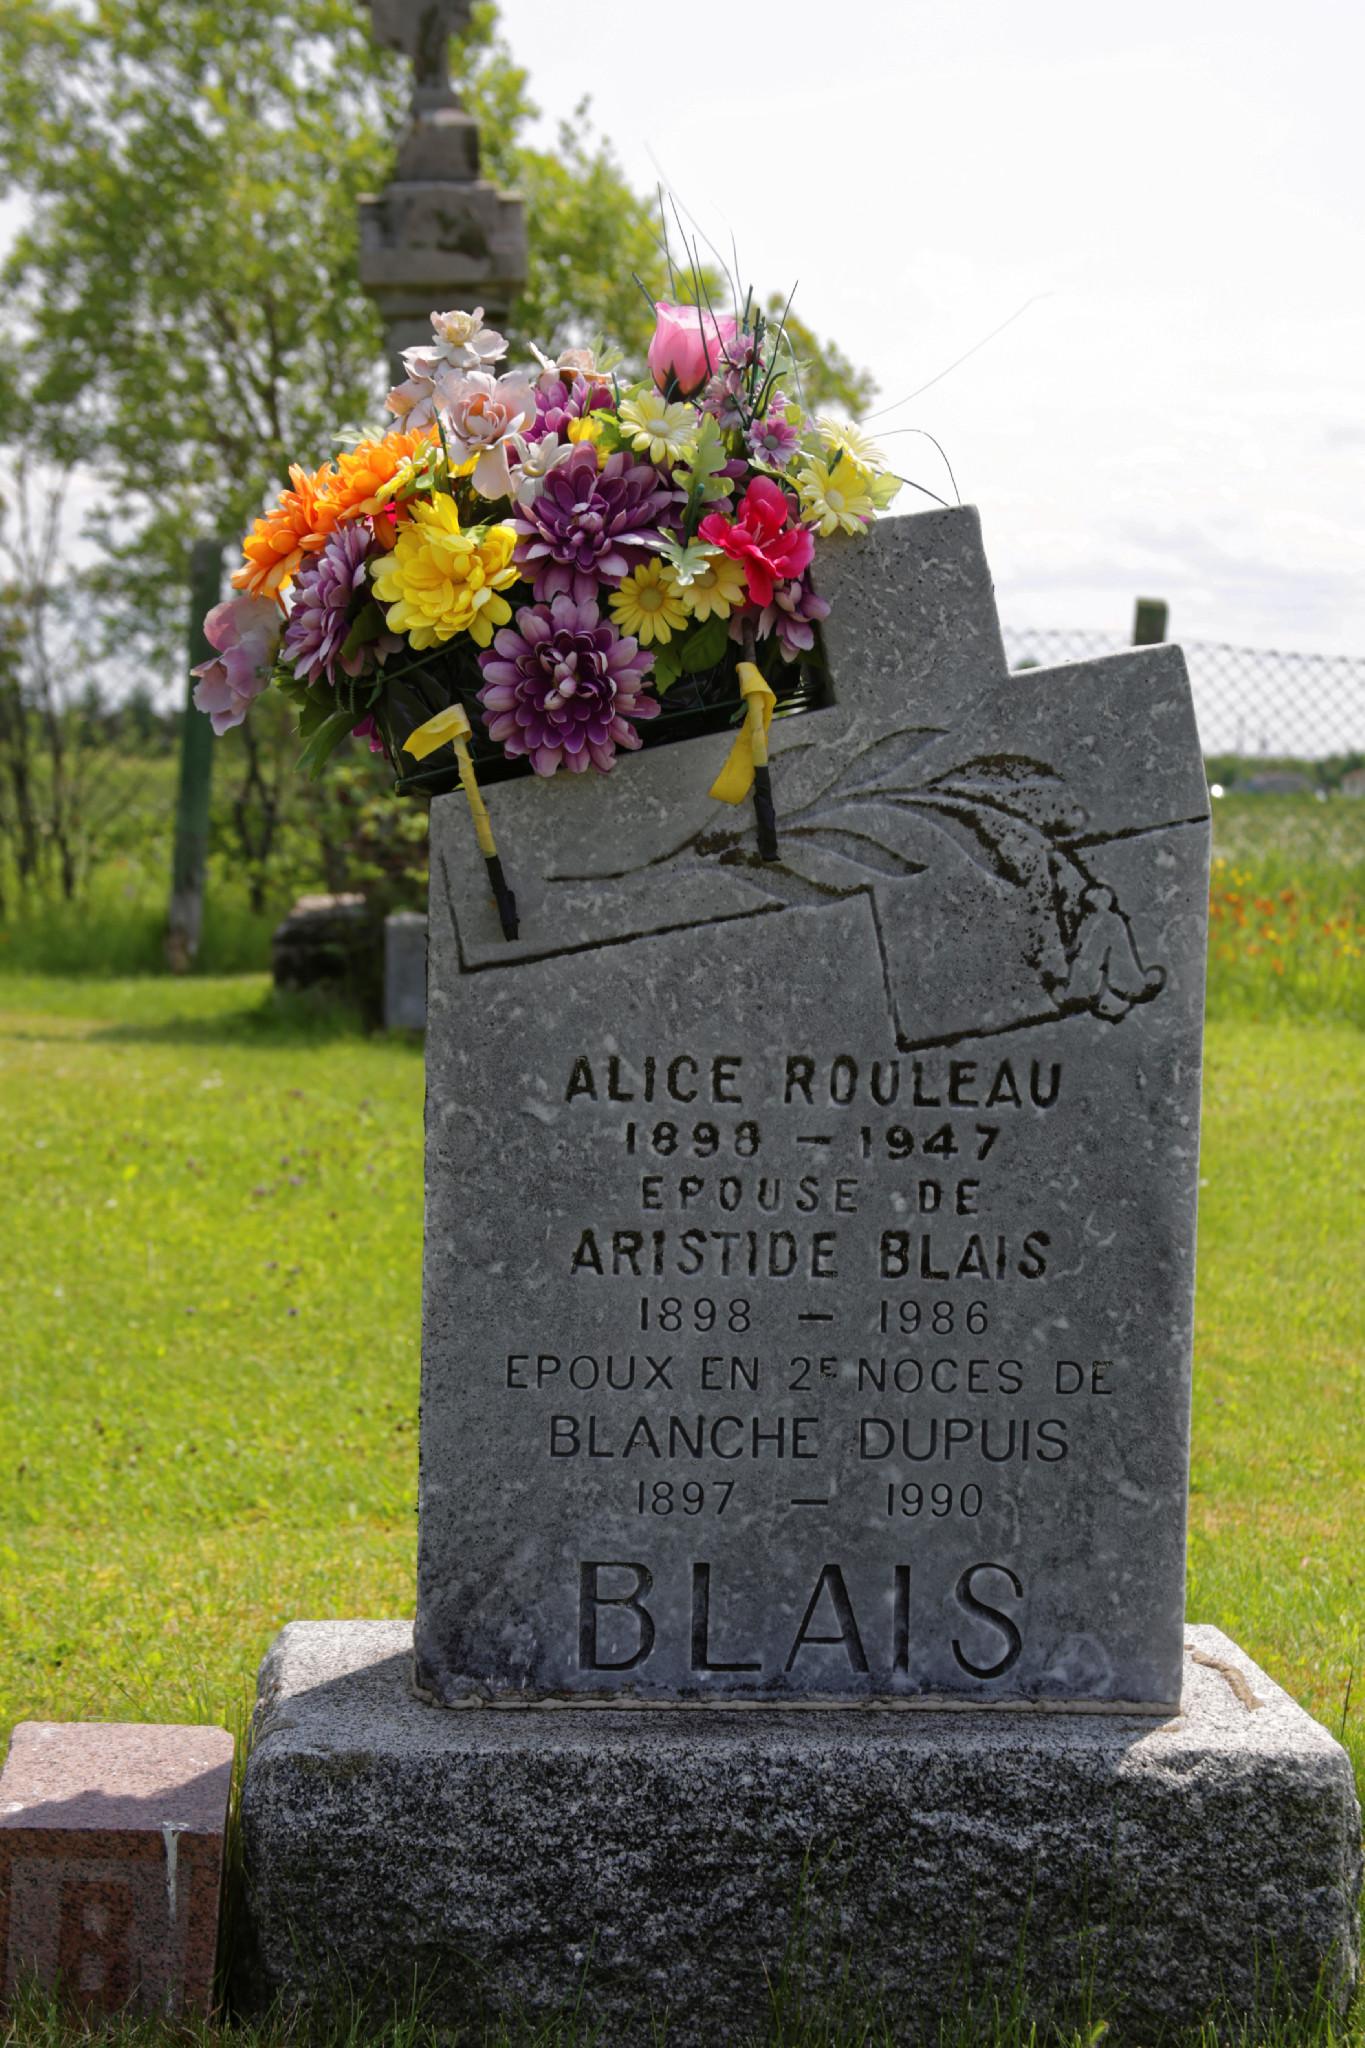 Aristide Blais